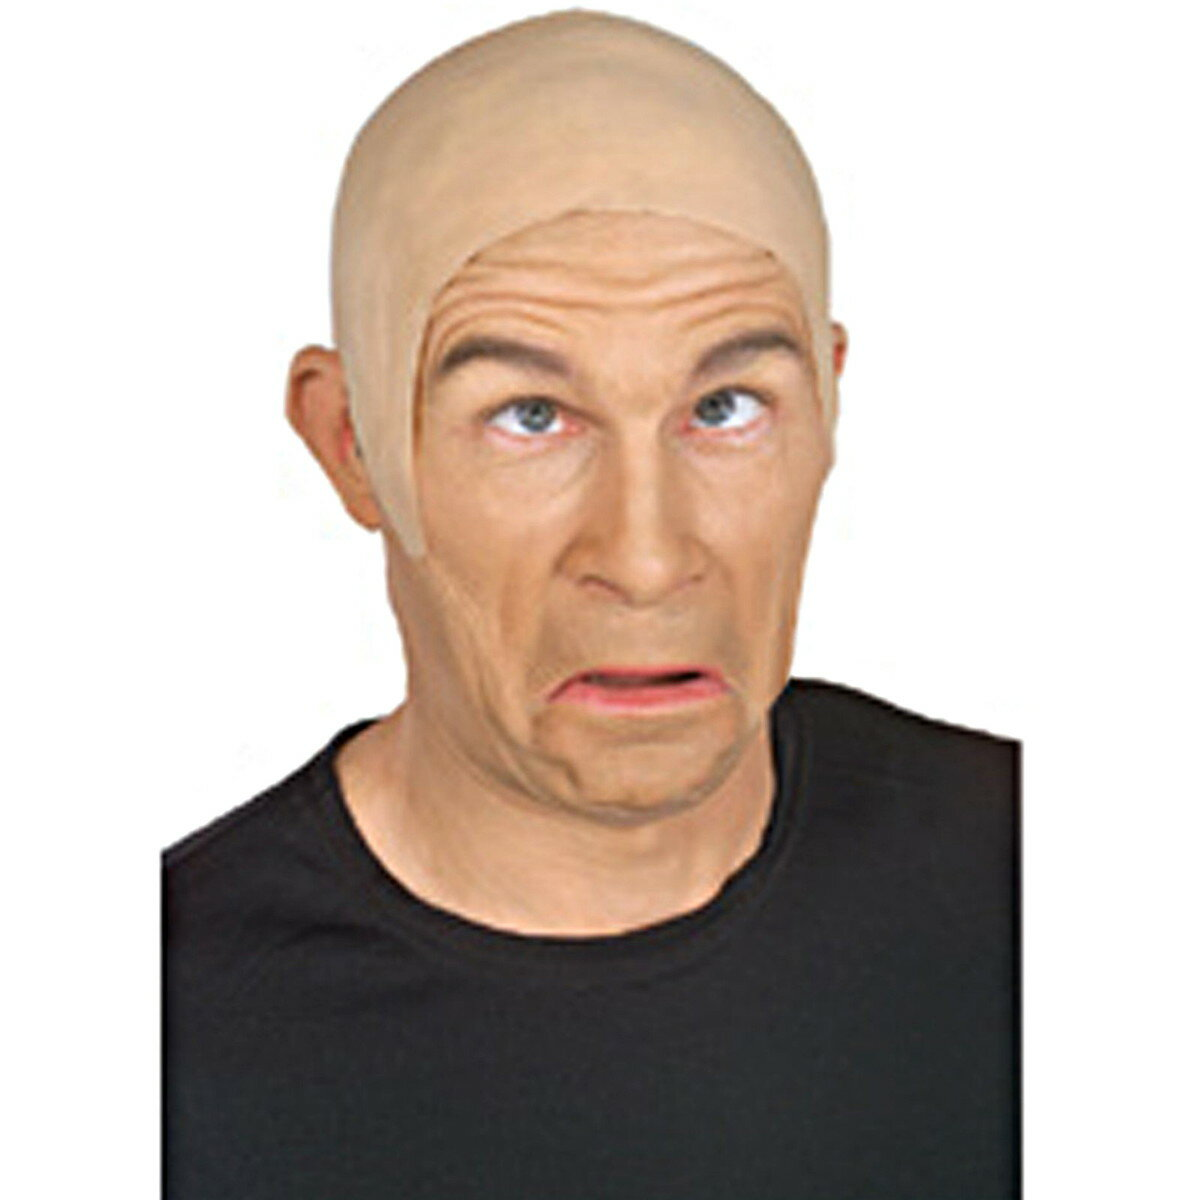 かつら ヅラ はげ ハゲ スキンヘッド 坊主 大人 おもしろ コスプレ 仮装 特殊メイク グッズ あす楽